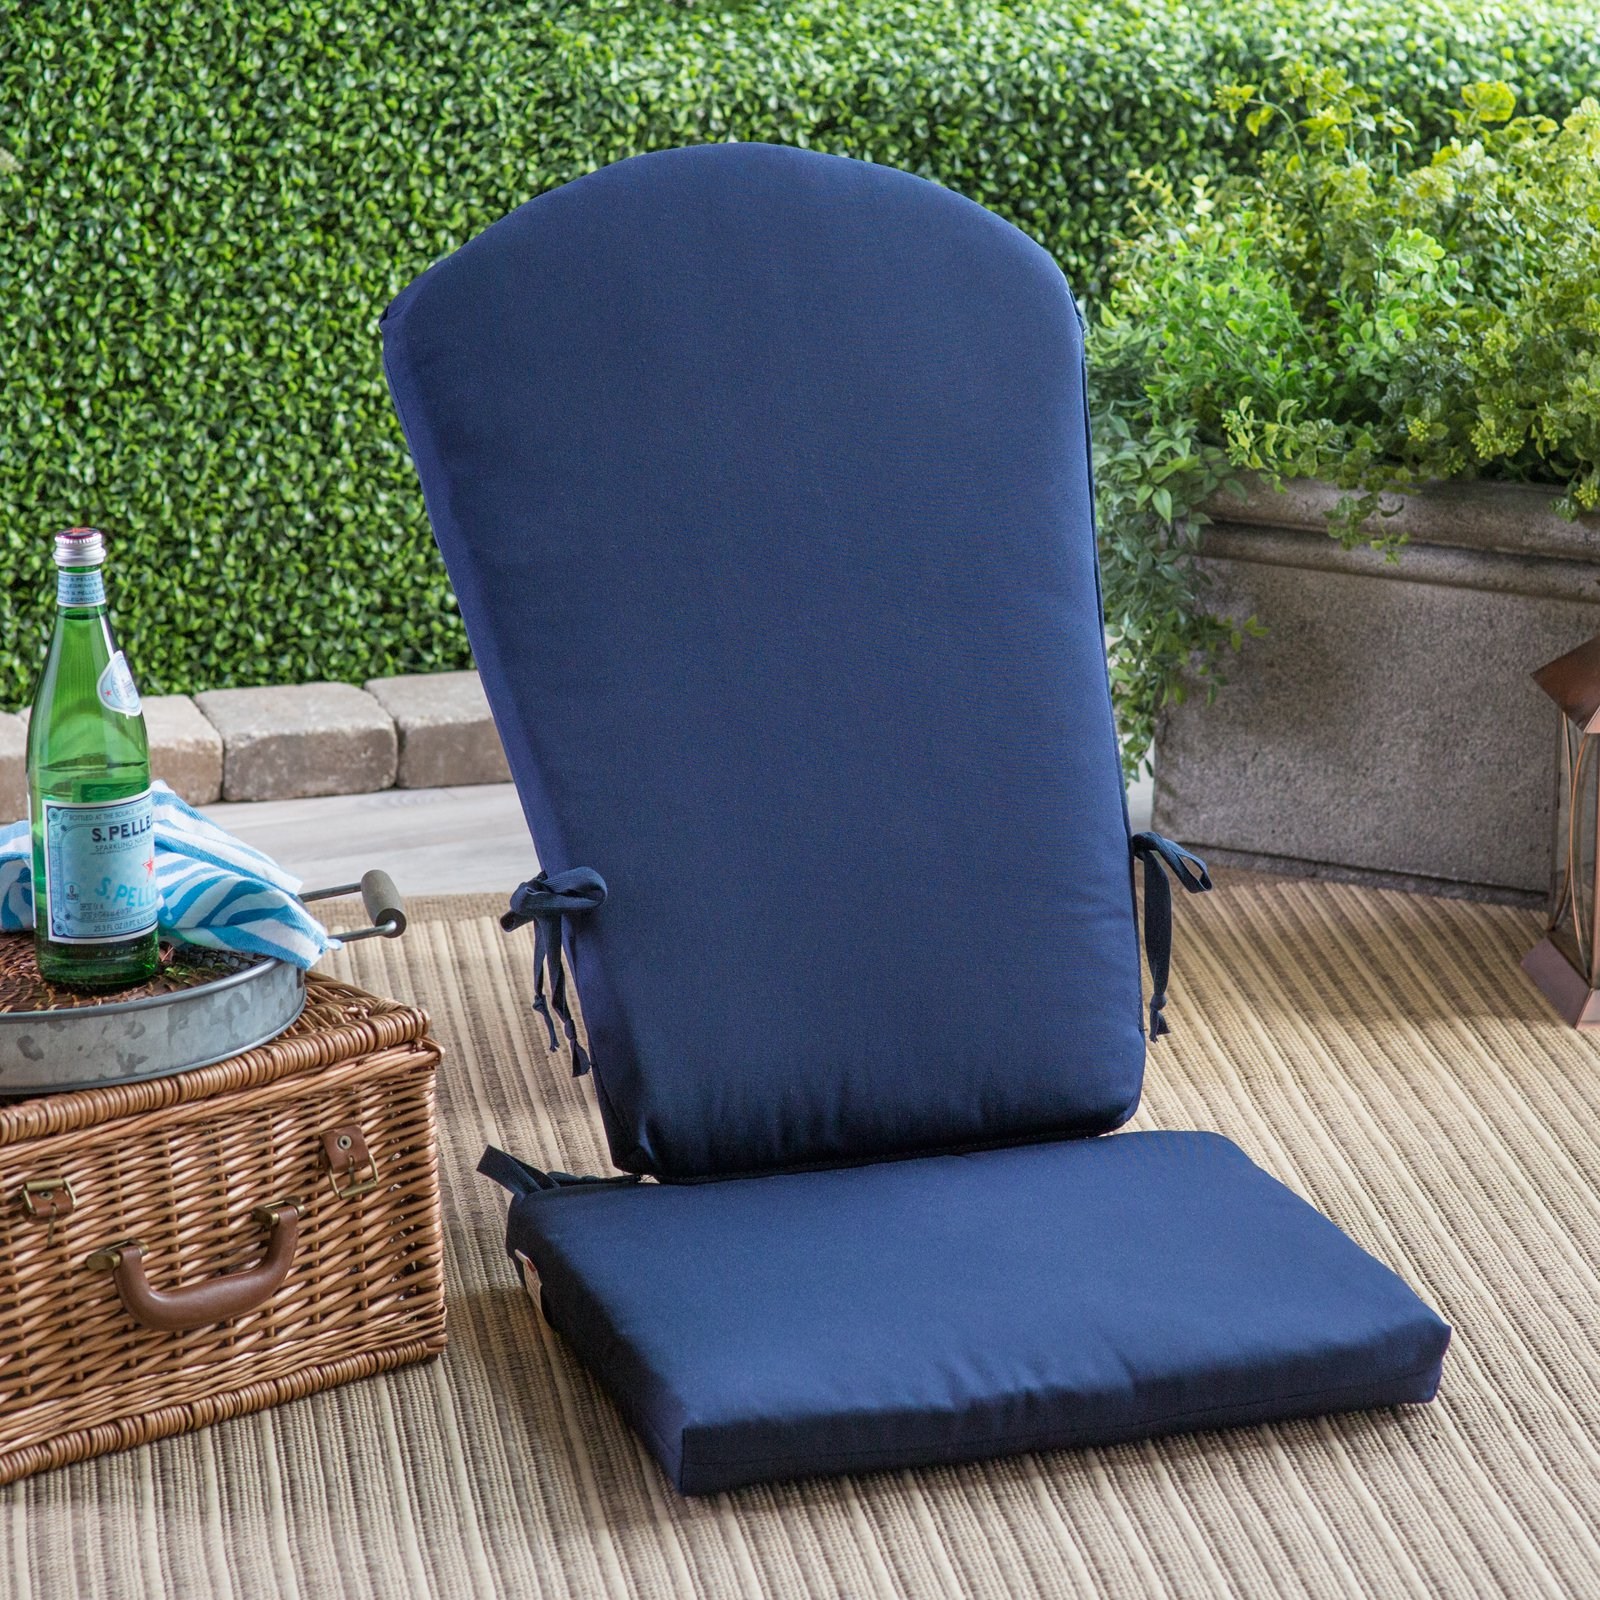 Polywood Reg Sunbrella 45 5 X 20 In South Beach Chair Cushion